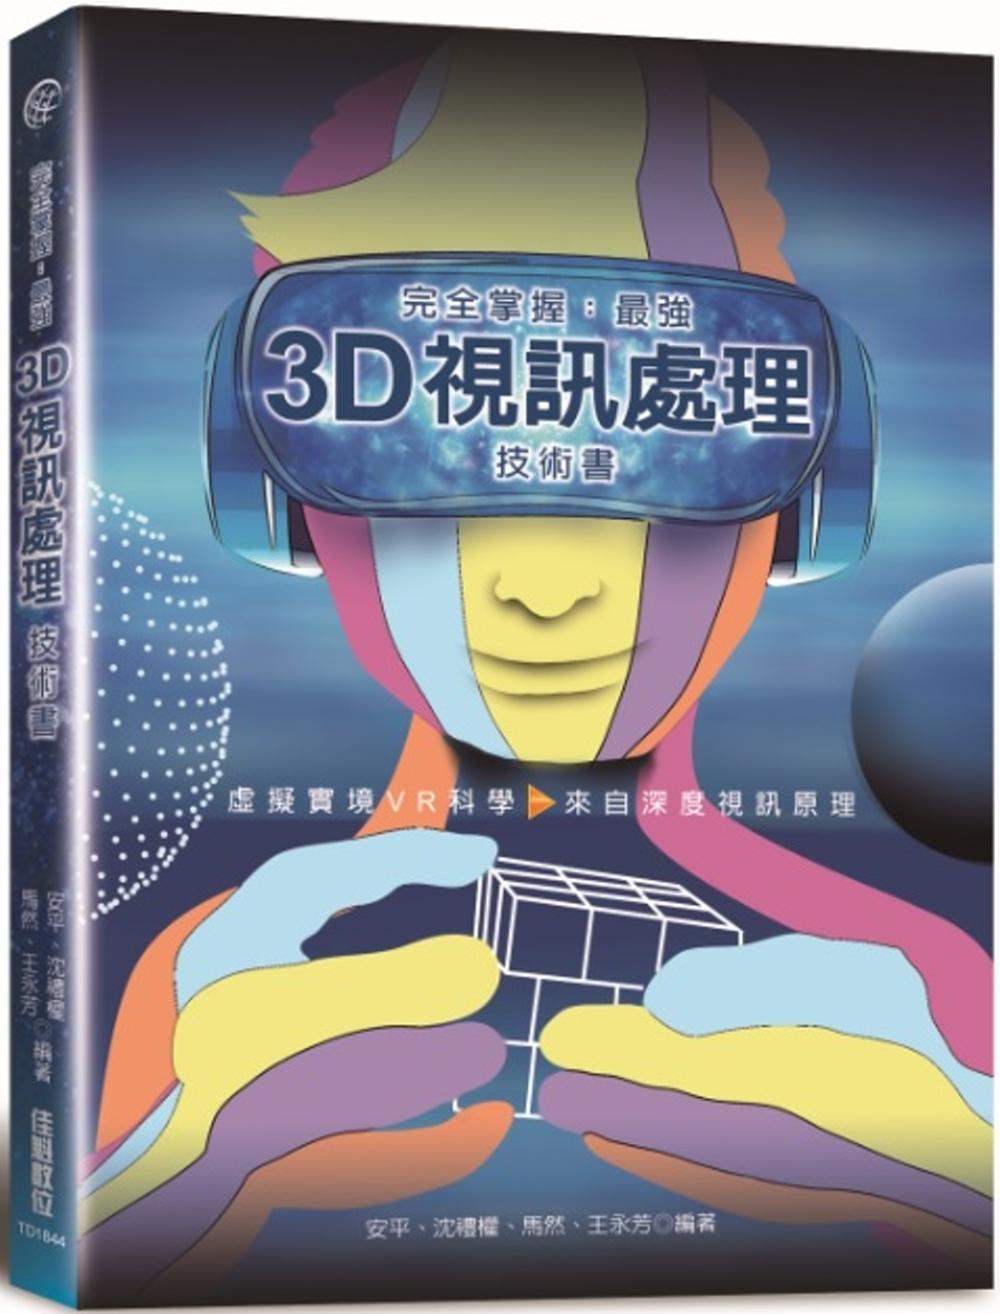 完全掌握:最強3D視訊處理技術...